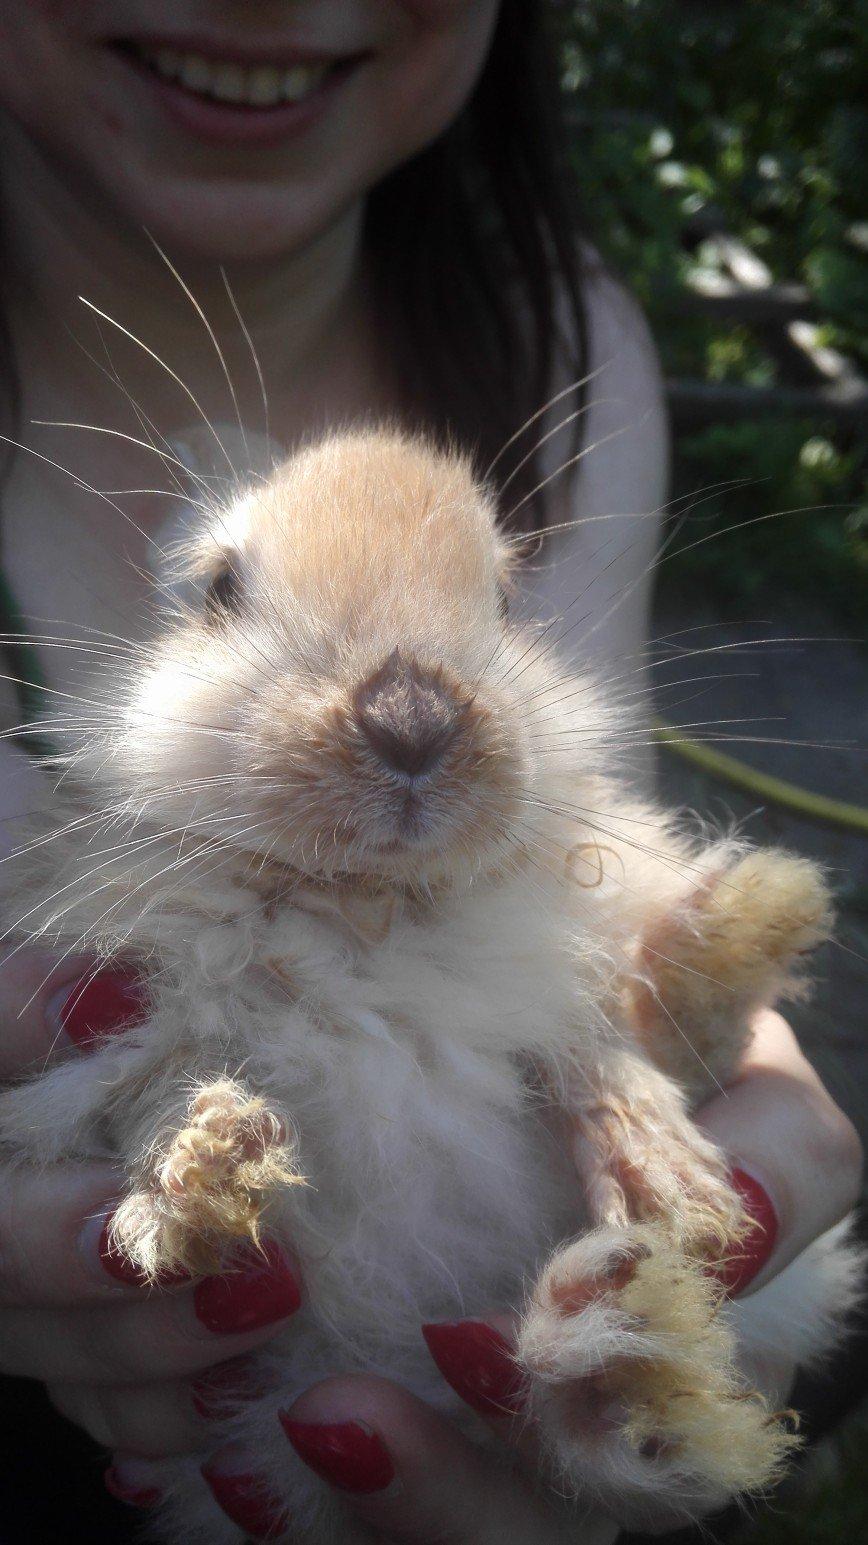 Наши кролики. Своих не режу, ибо у меня с ними отншения))) Но из приобретенной получается потрясающая крольчатина на вертеле.